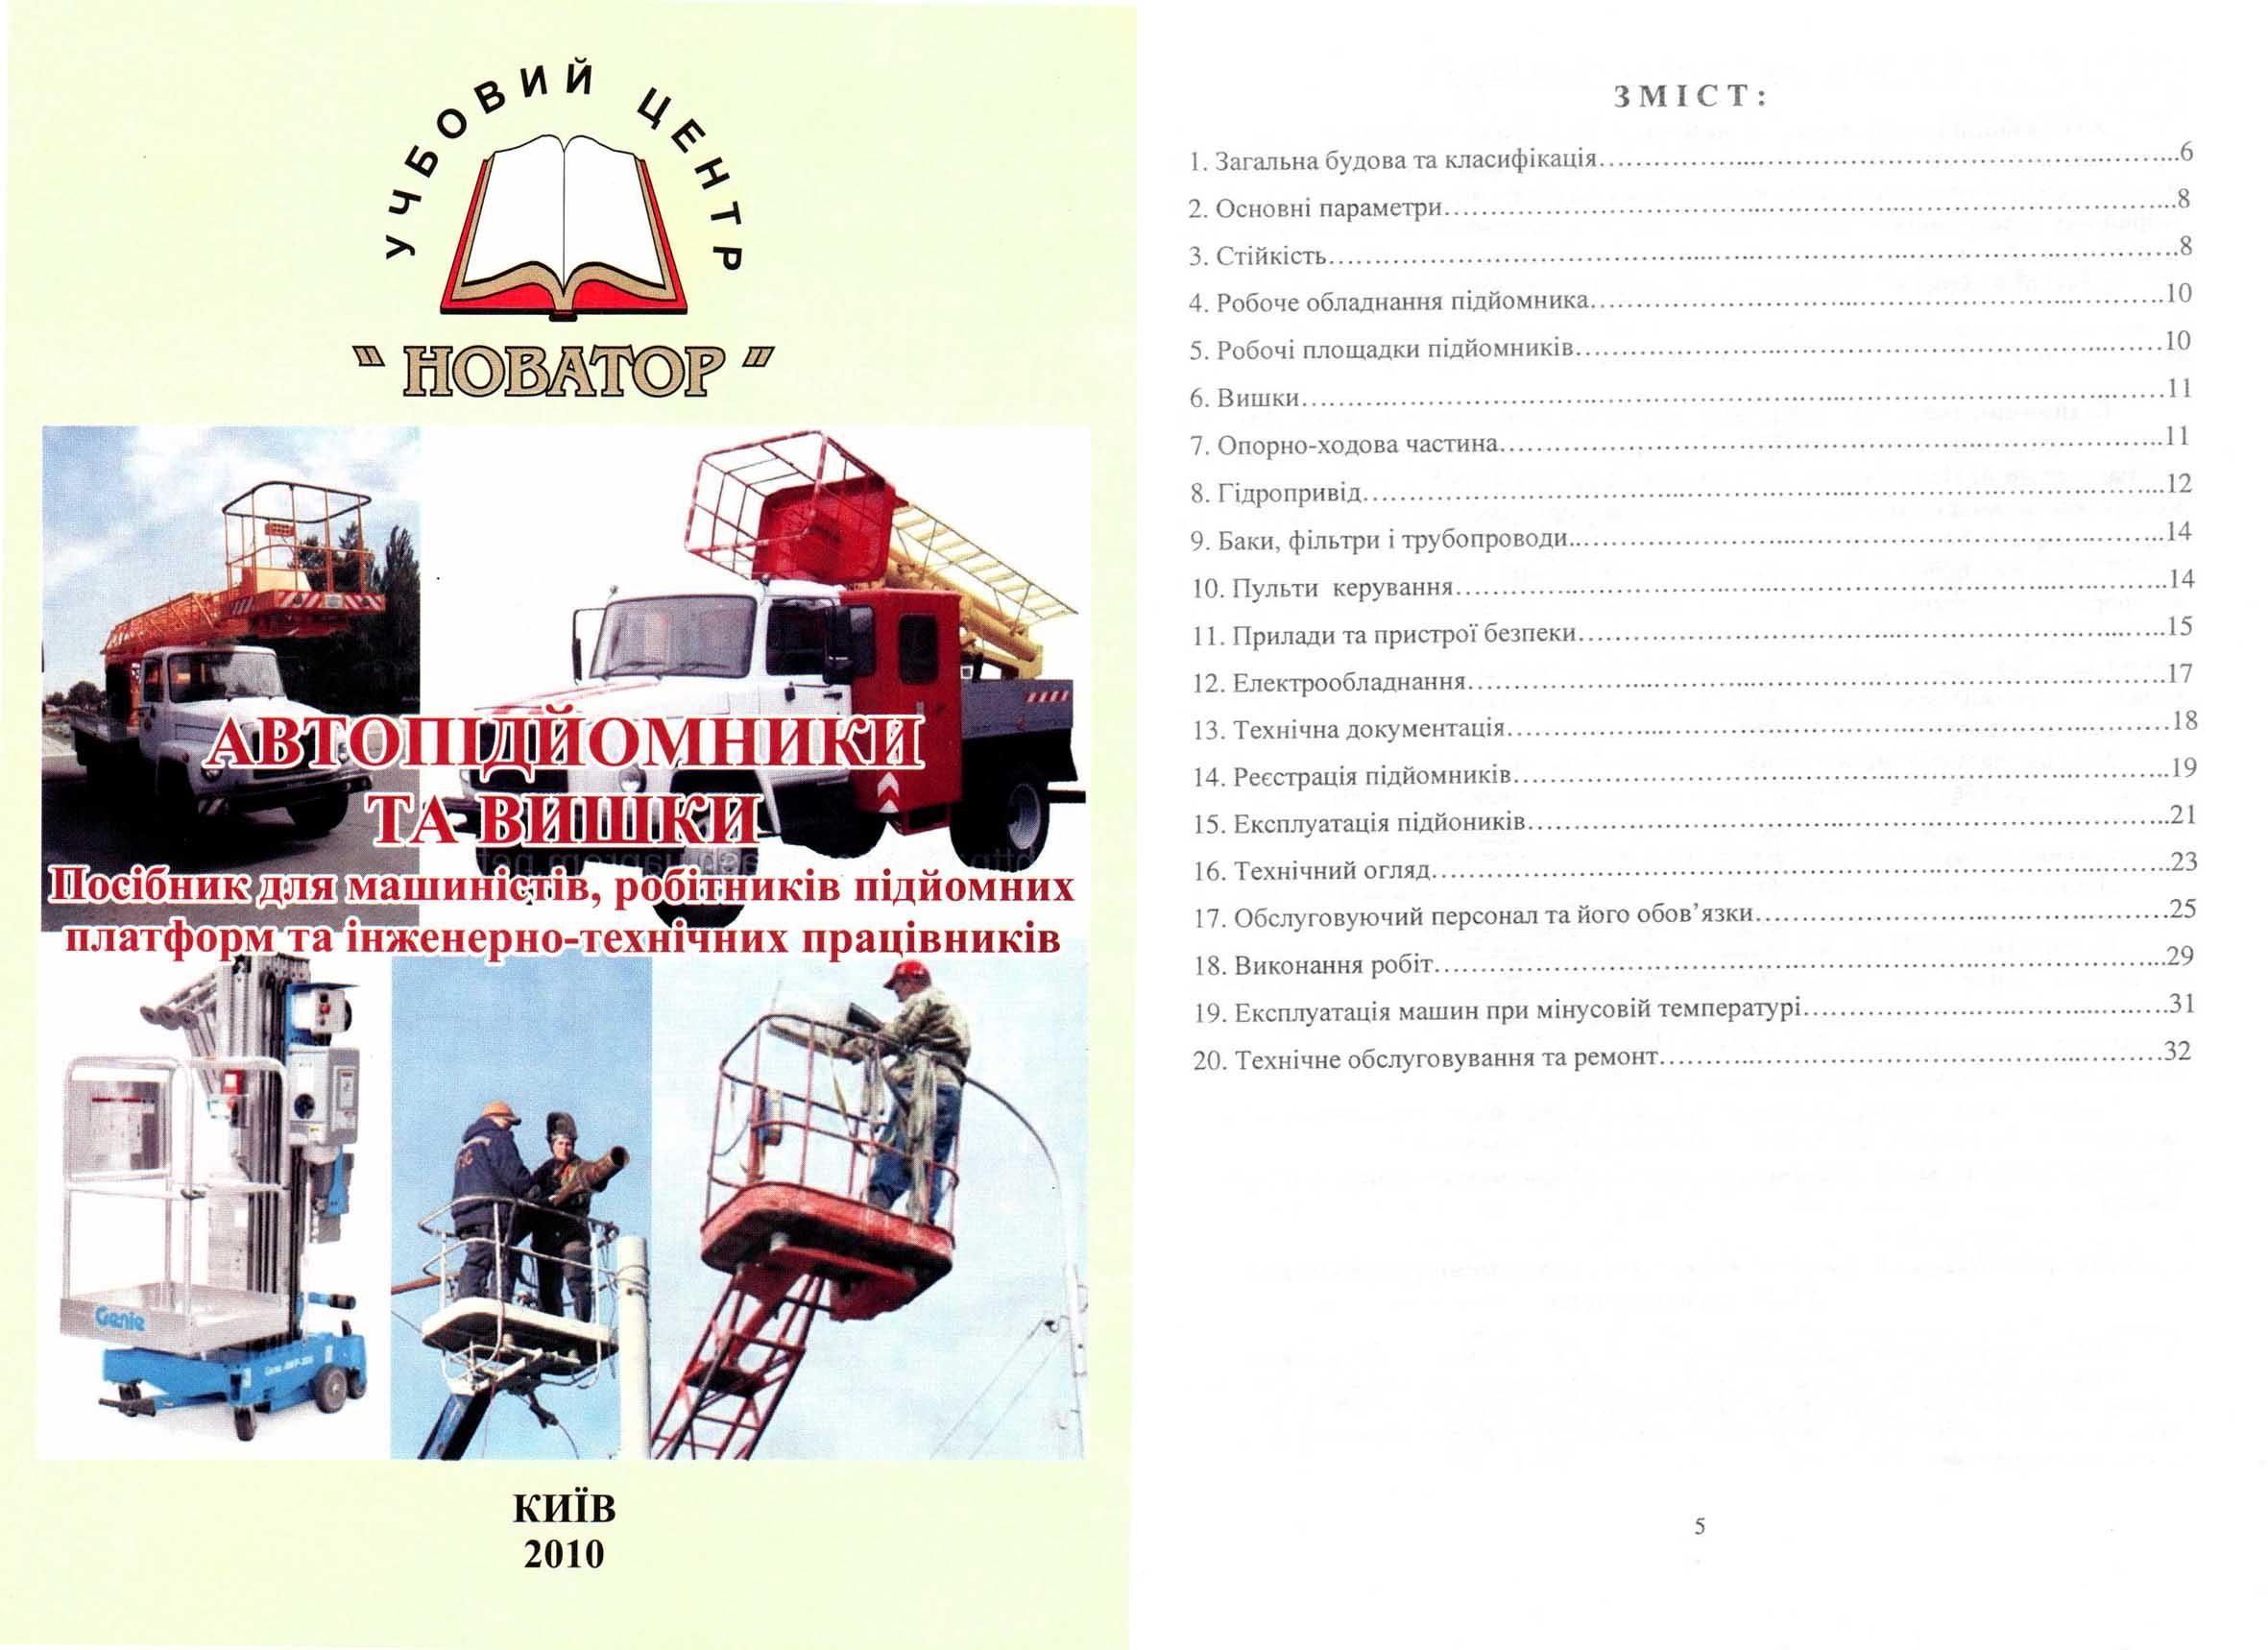 Автопідйомники та вишки. Методичні рекомендації для машиністів, робітників підйомних платформ та інженерно – технічних працівників